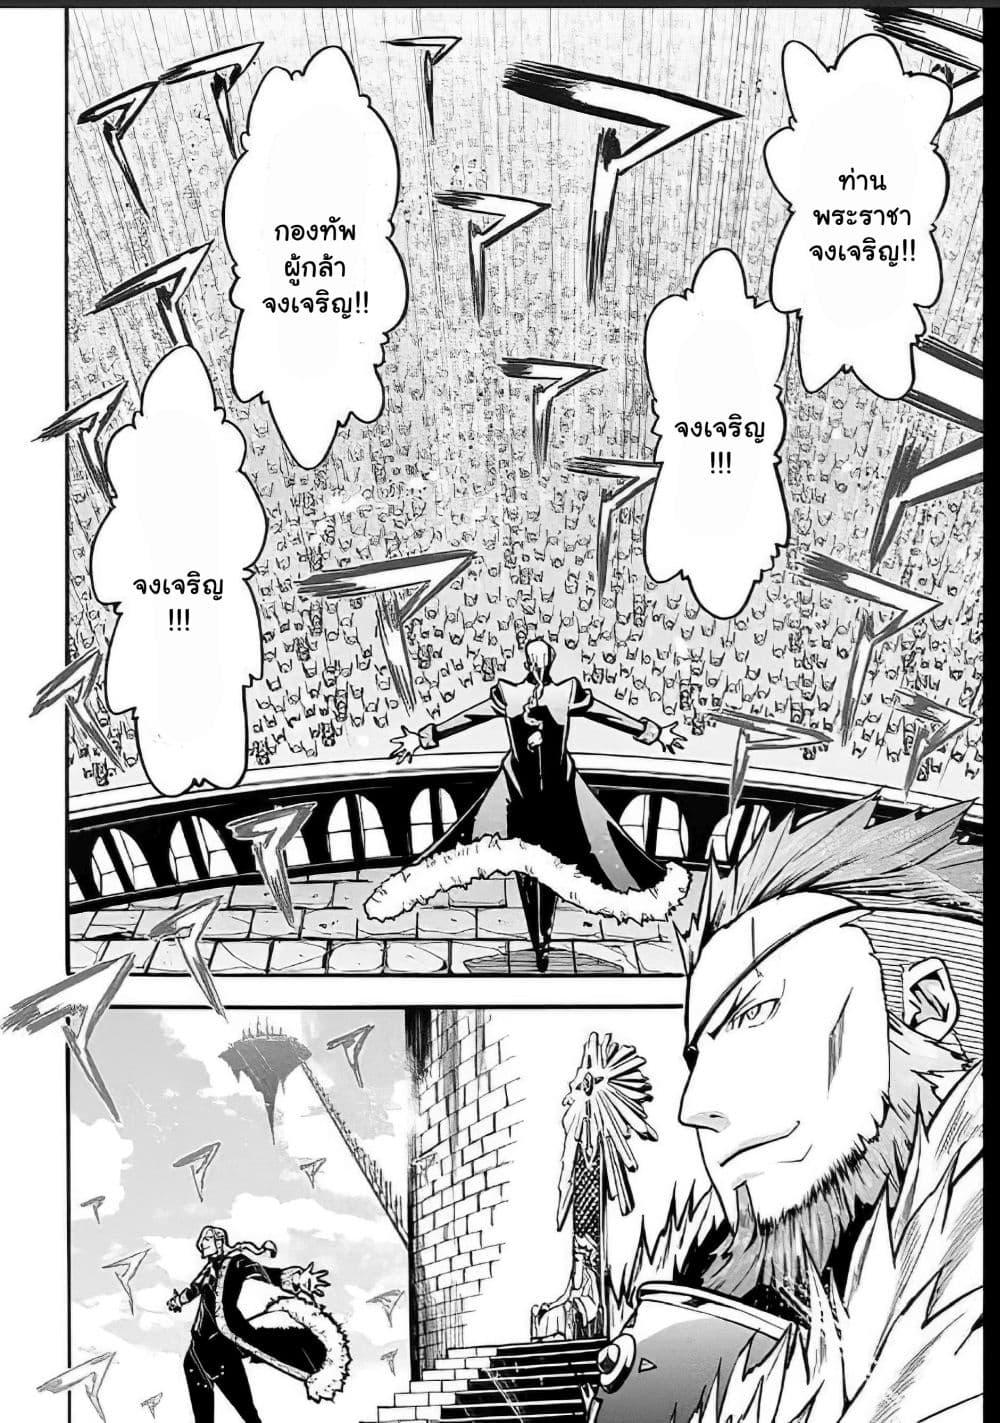 อ่านการ์ตูน Wazawaitsu Wanashi no Yuusha kari ตอนที่ 3 หน้าที่ 10